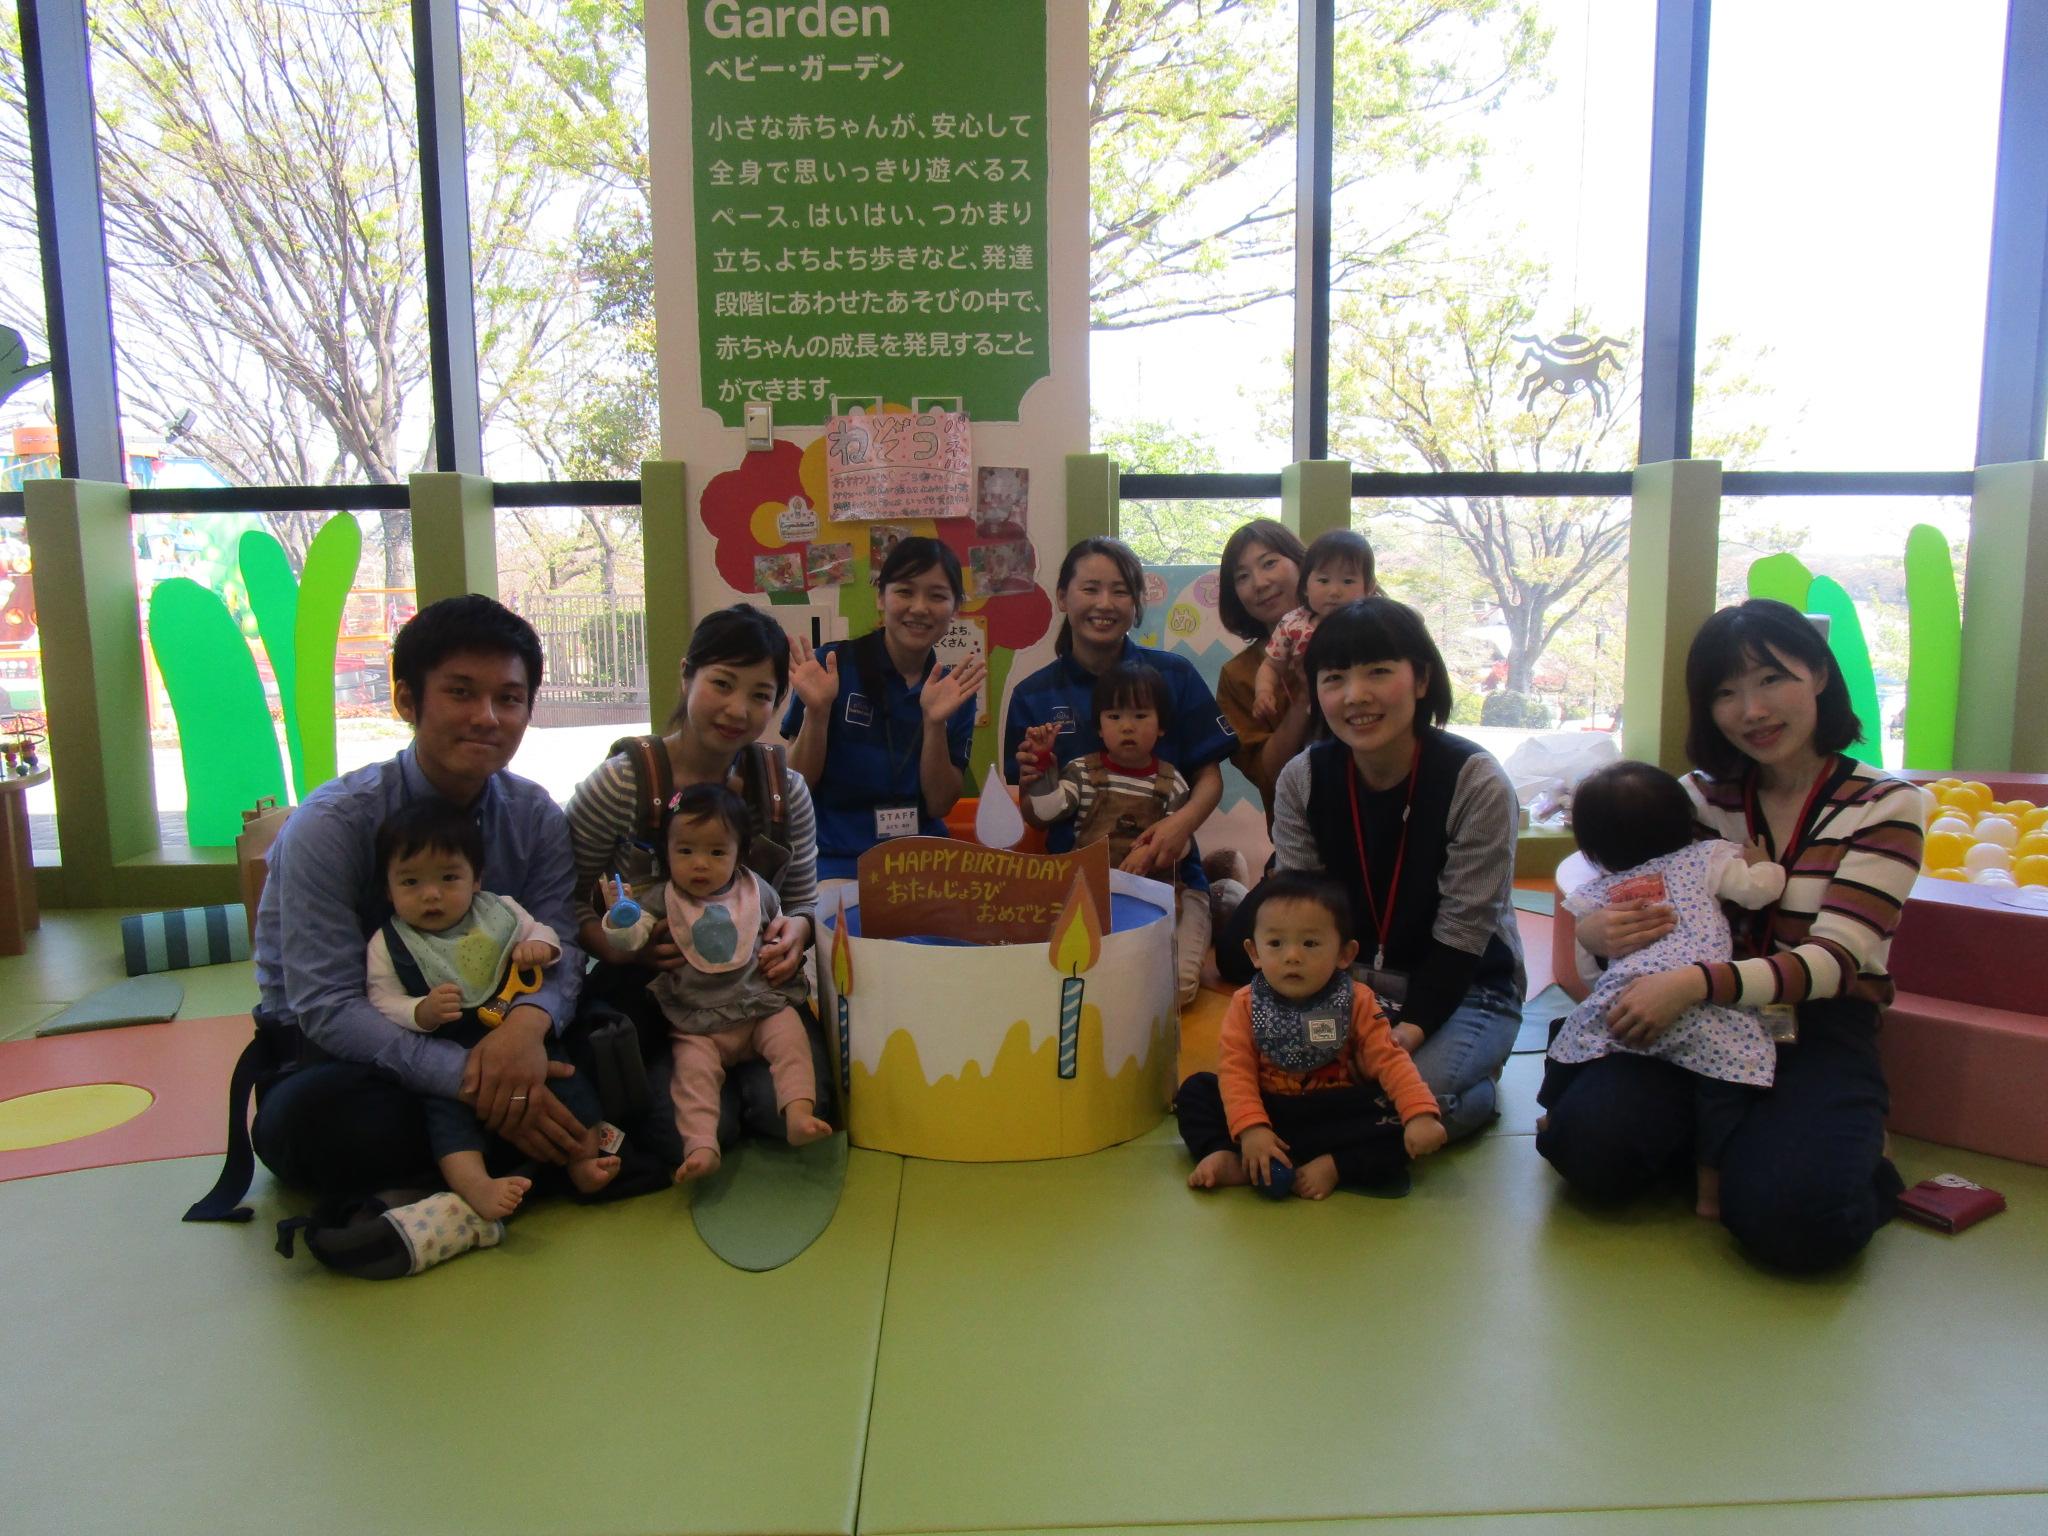 赤ちゃんイベント『1歳のお誕生日会』/『ハイハイレース』